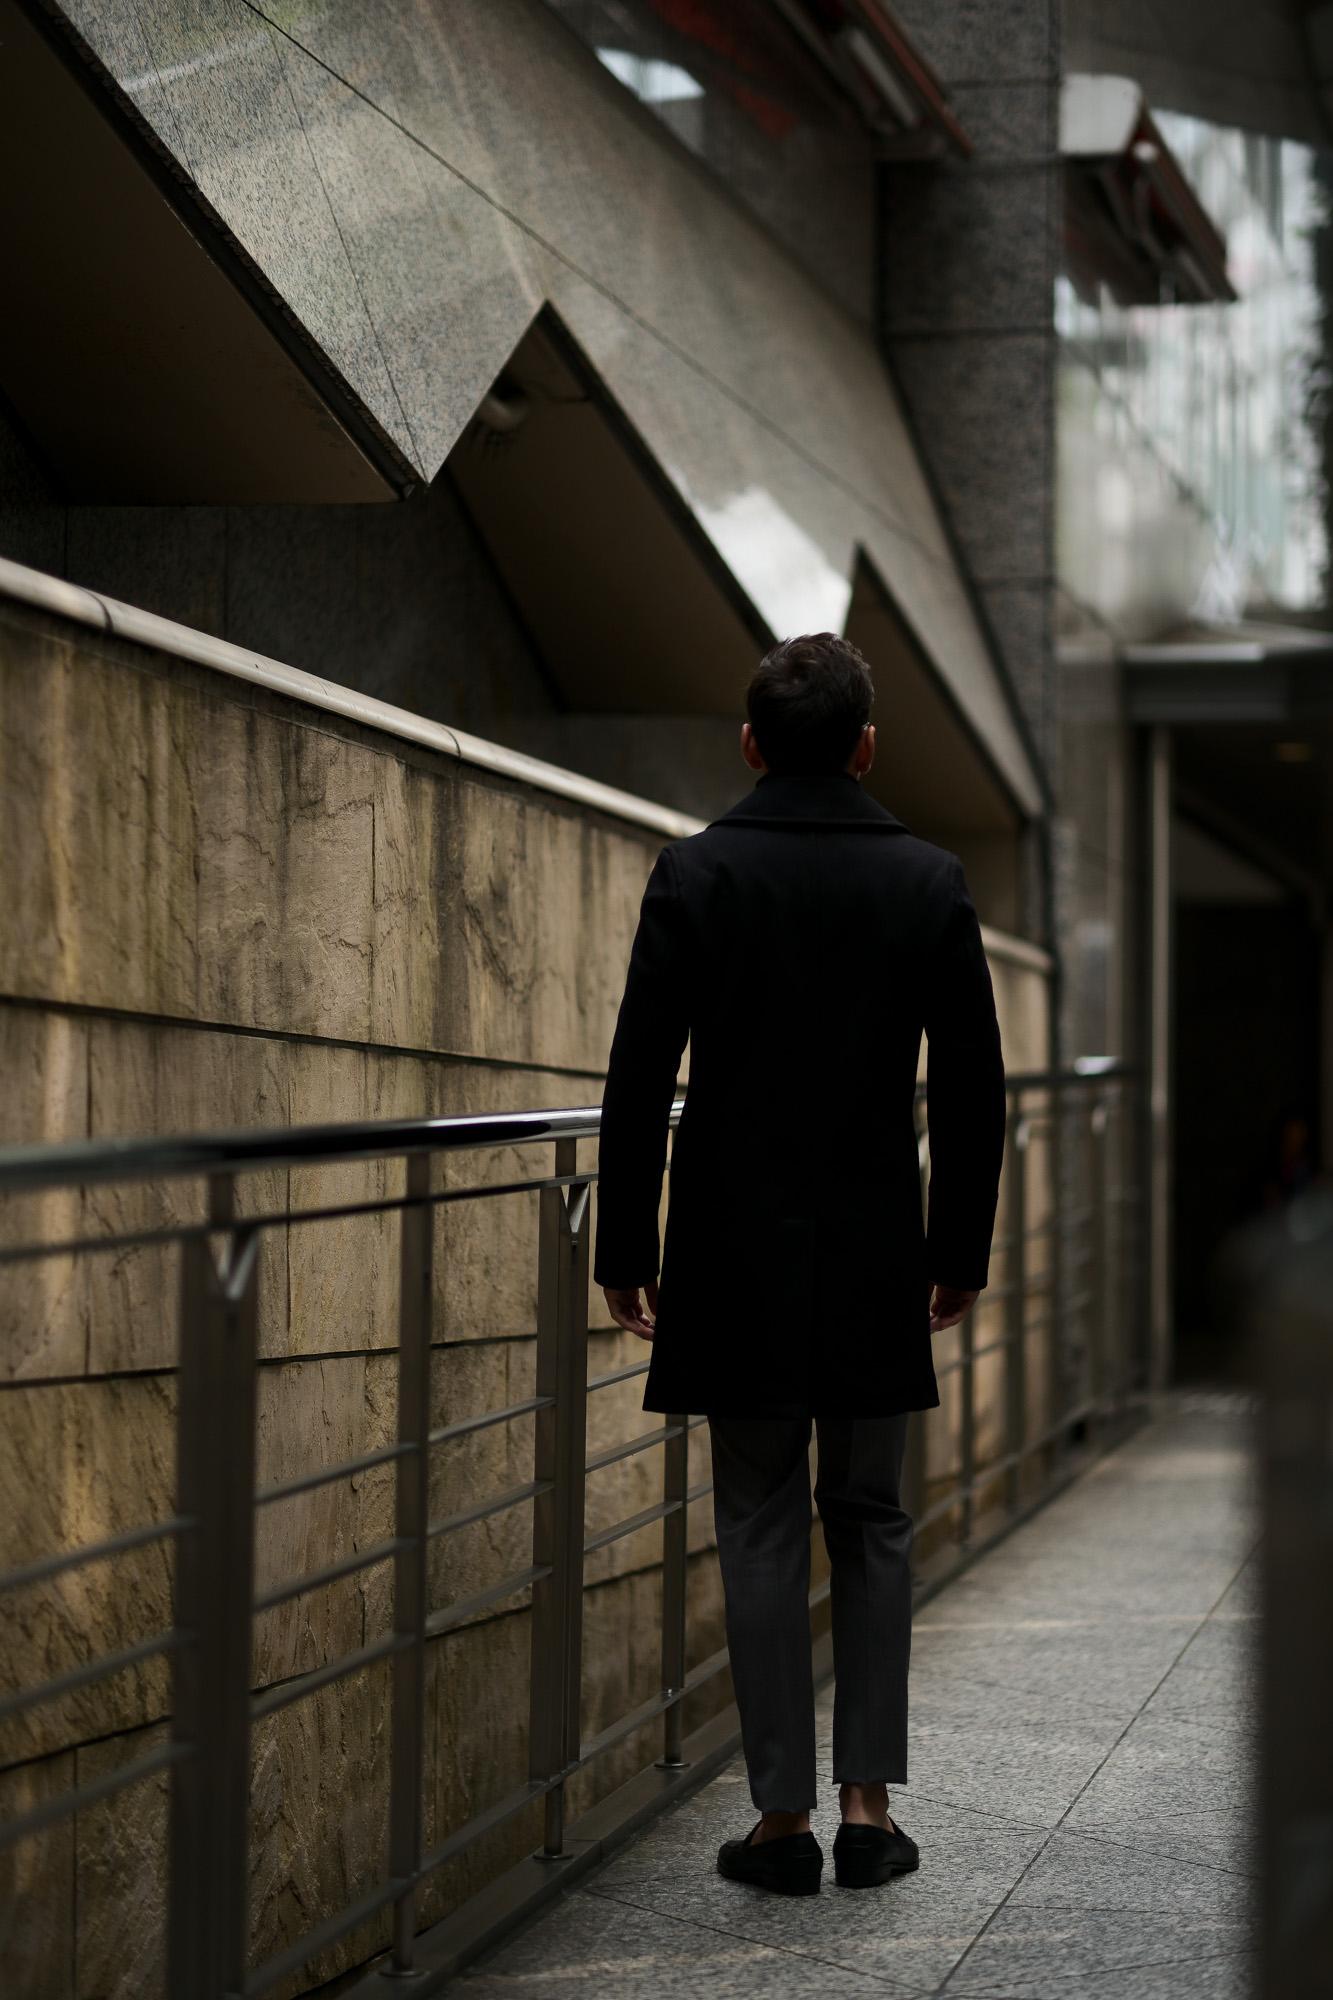 Sealup(シーラップ) GENOVA(ジェノバ) 50002 7591 01 メルトンウール サーモアライニング ロングPコート  BLACK (ブラック・36) MADE IN ITALY(イタリア製) 2019 秋冬 【ご予約受付中】 シーラップ 愛知 名古屋 Alto e Diritto アルト エ デリット Pコート コート coat